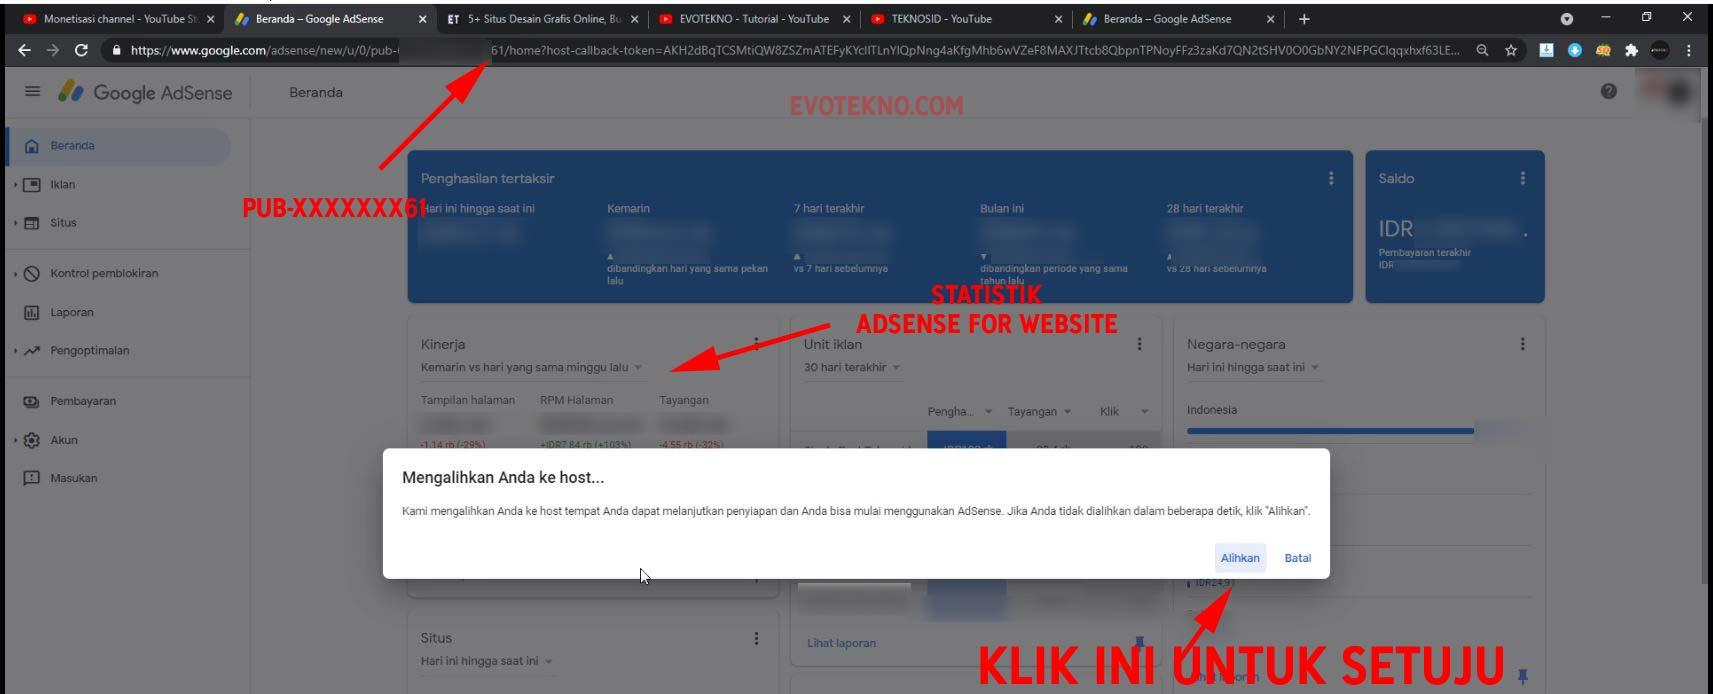 Klik Alihkan Untuk Menyetujuin Pengaitan Channel YouTube ke Google AdSense